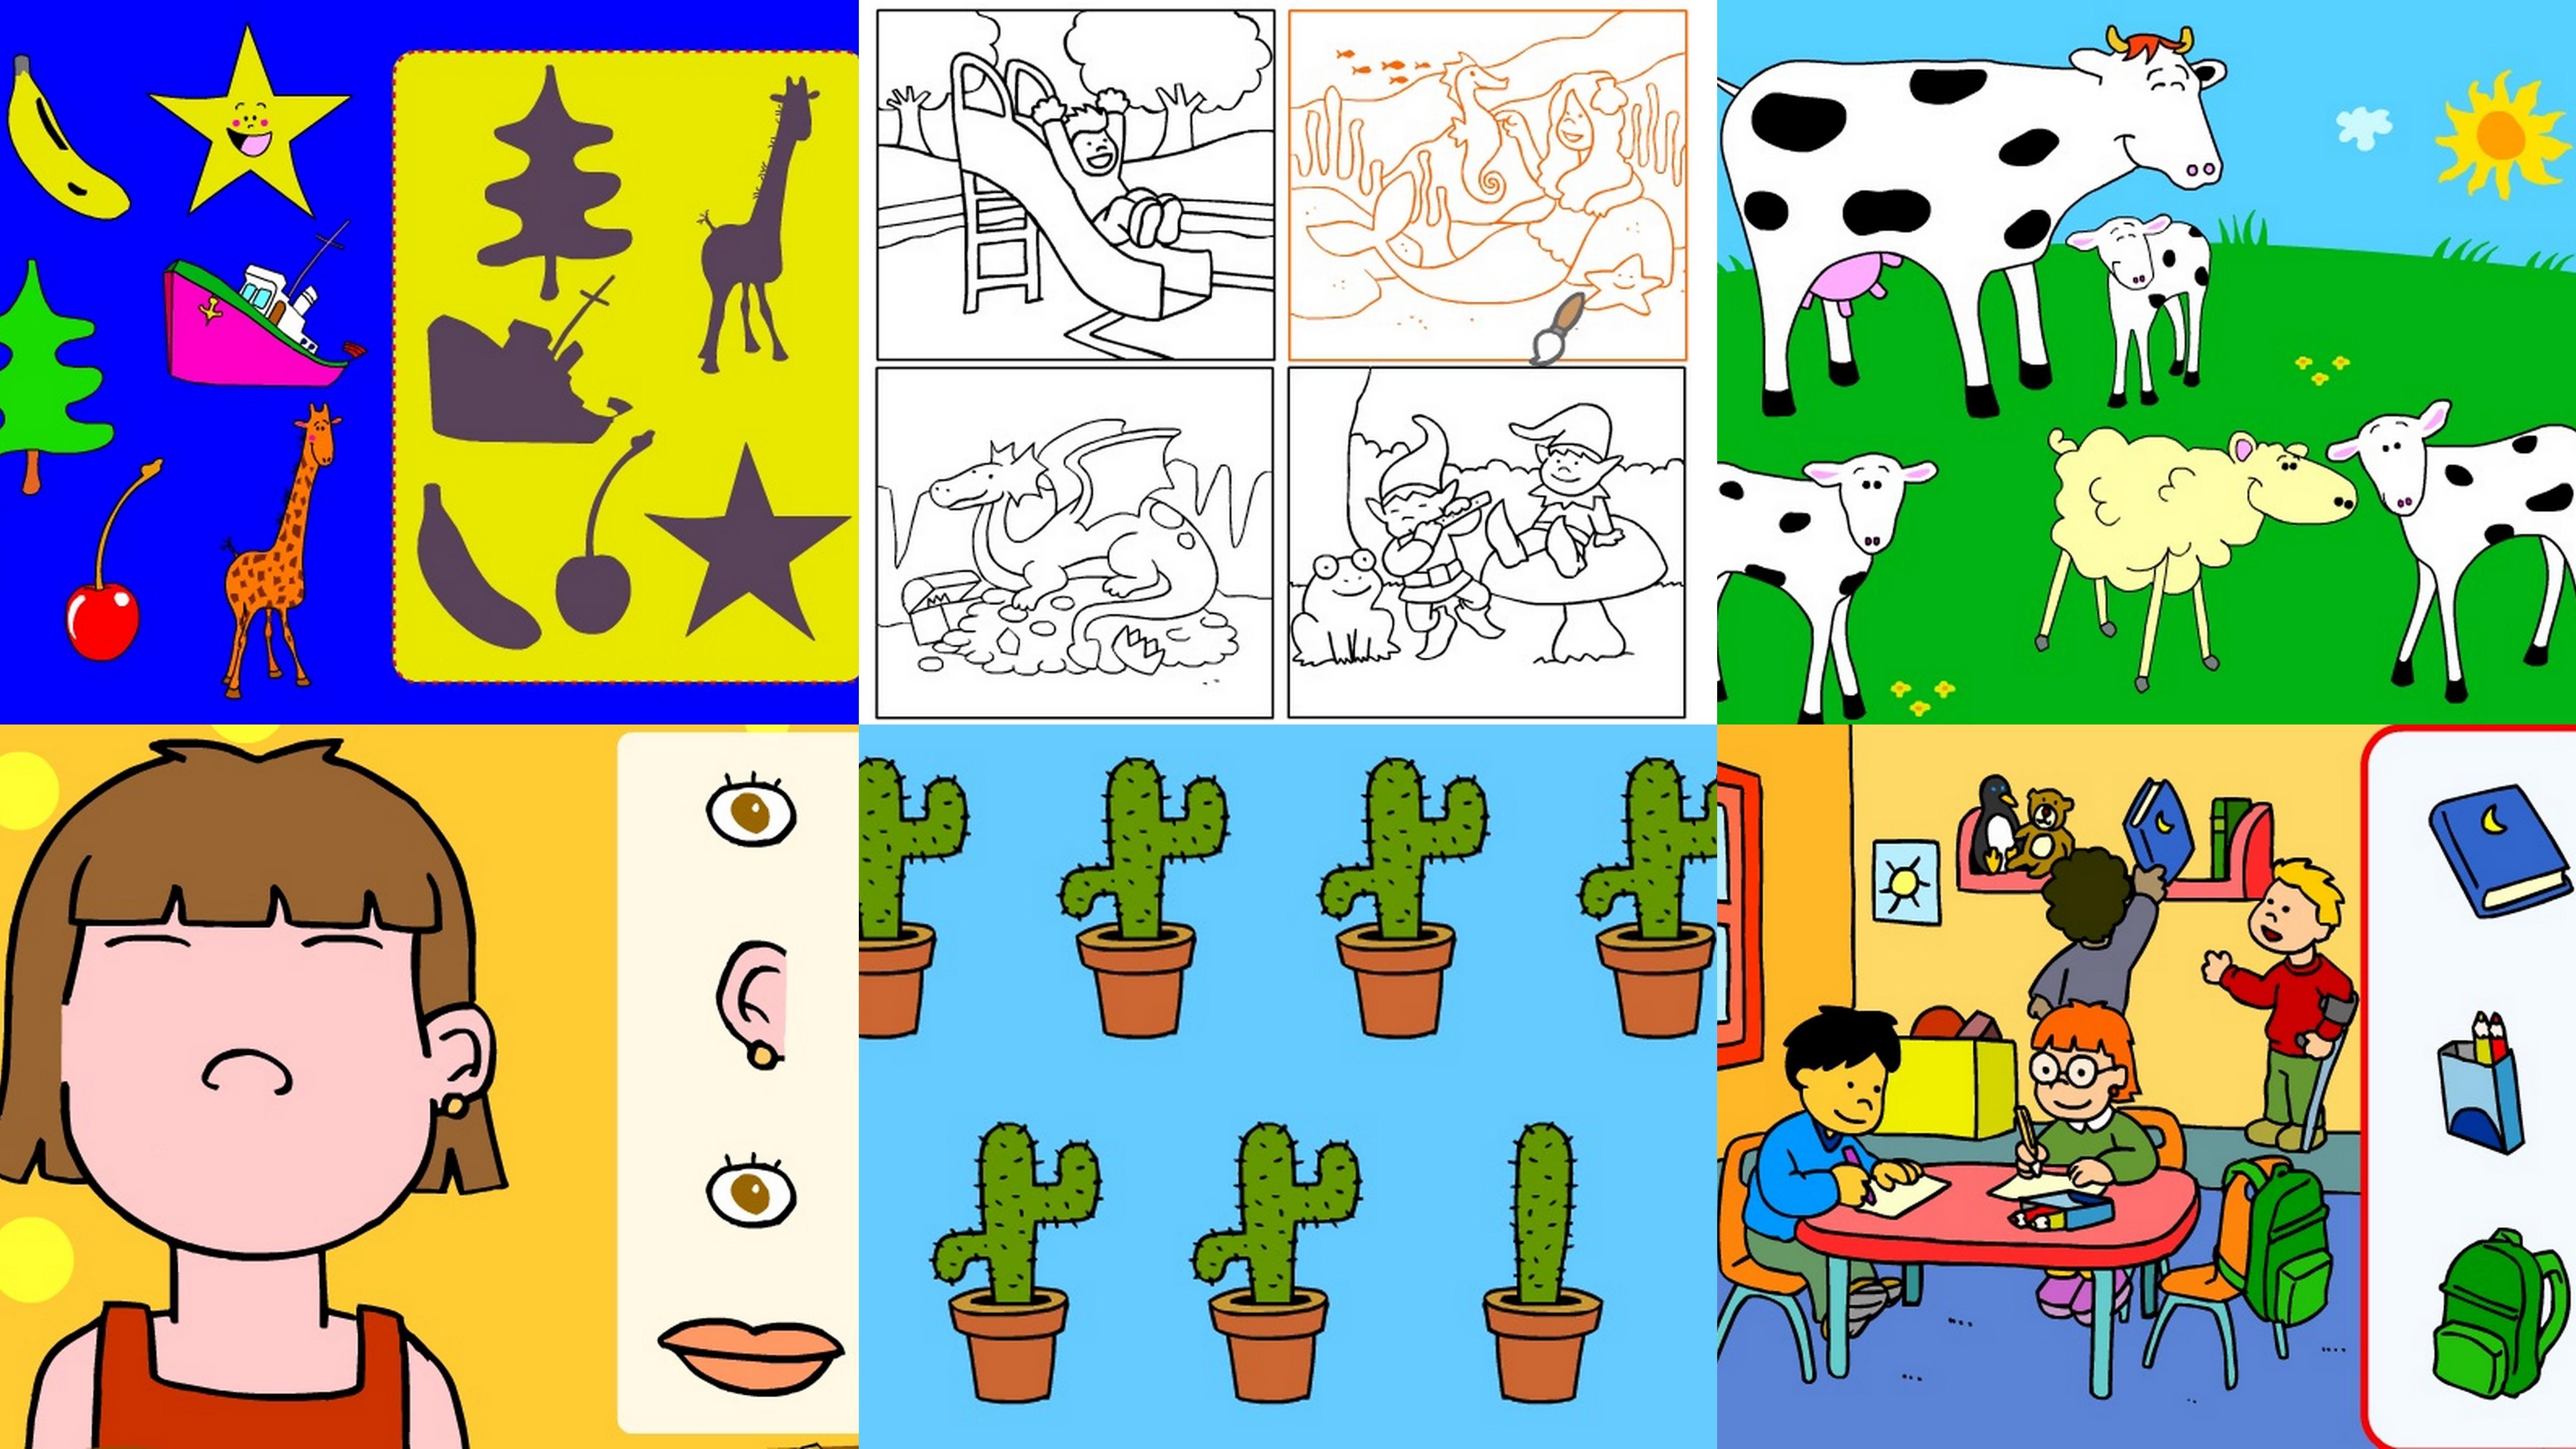 Actividades interactivas para niños de 3 años: 1 - Paperblog